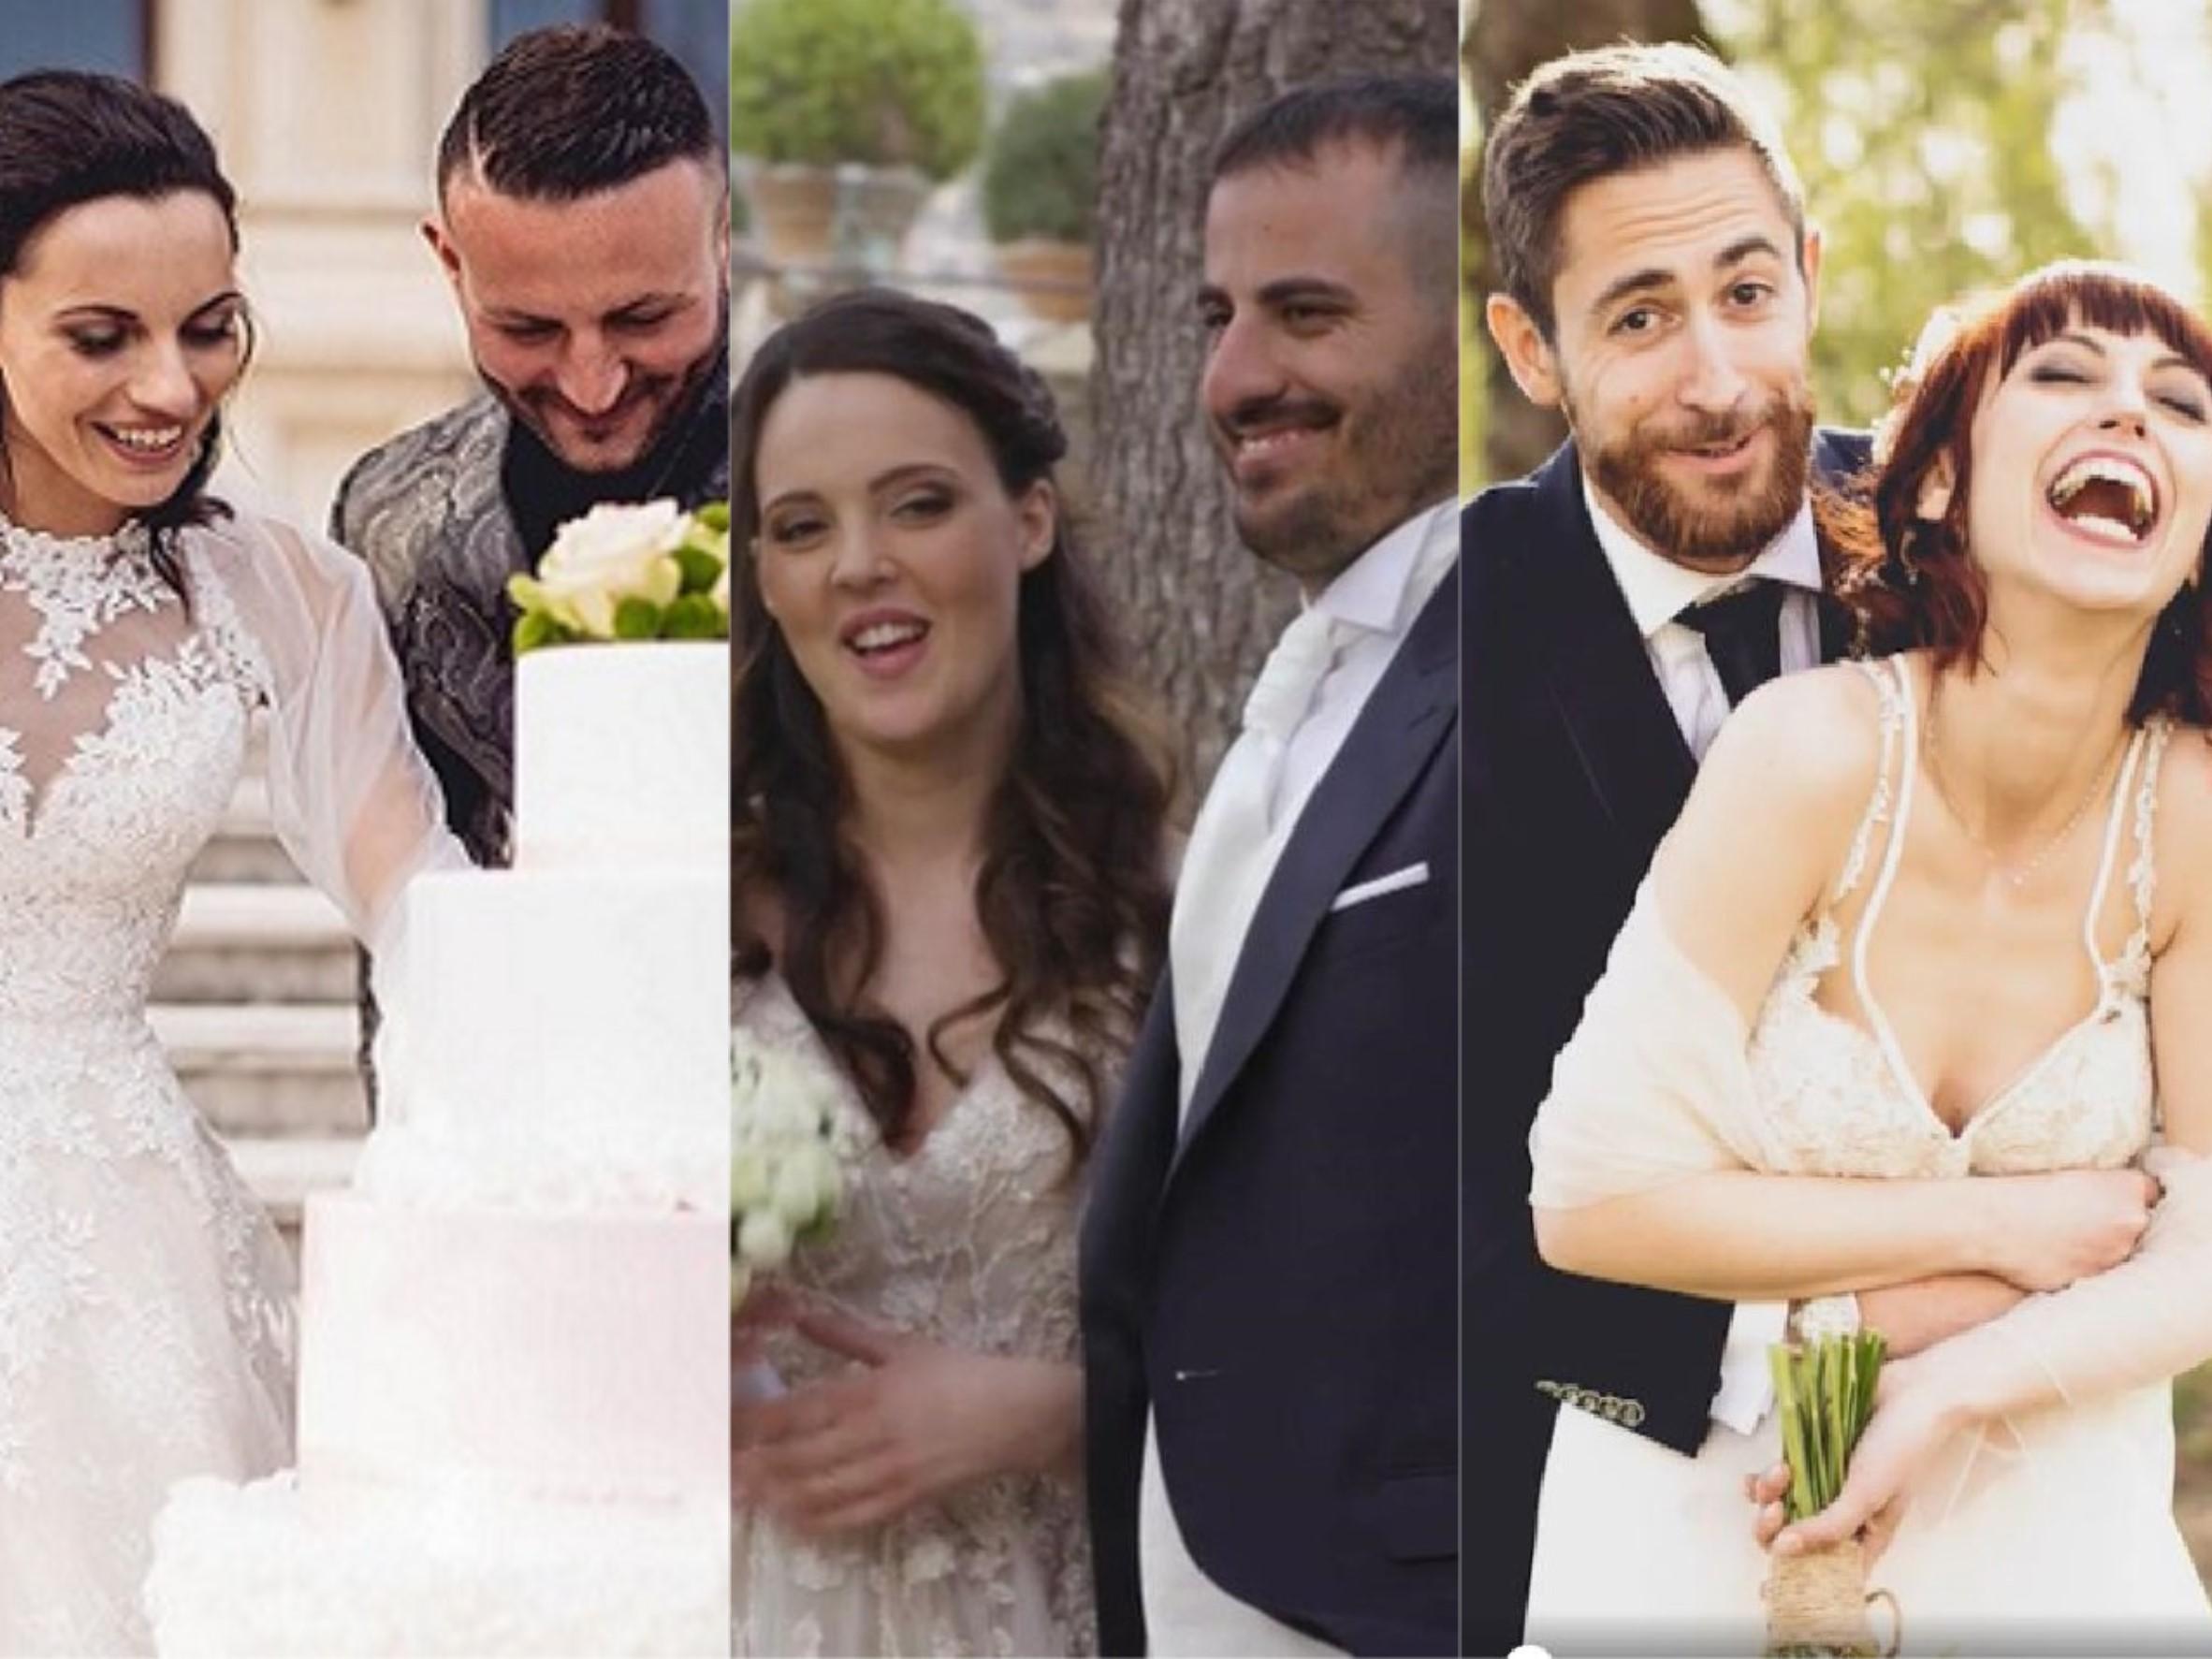 Matrimonio a prima vista Italia, diretta 2 ottobre,